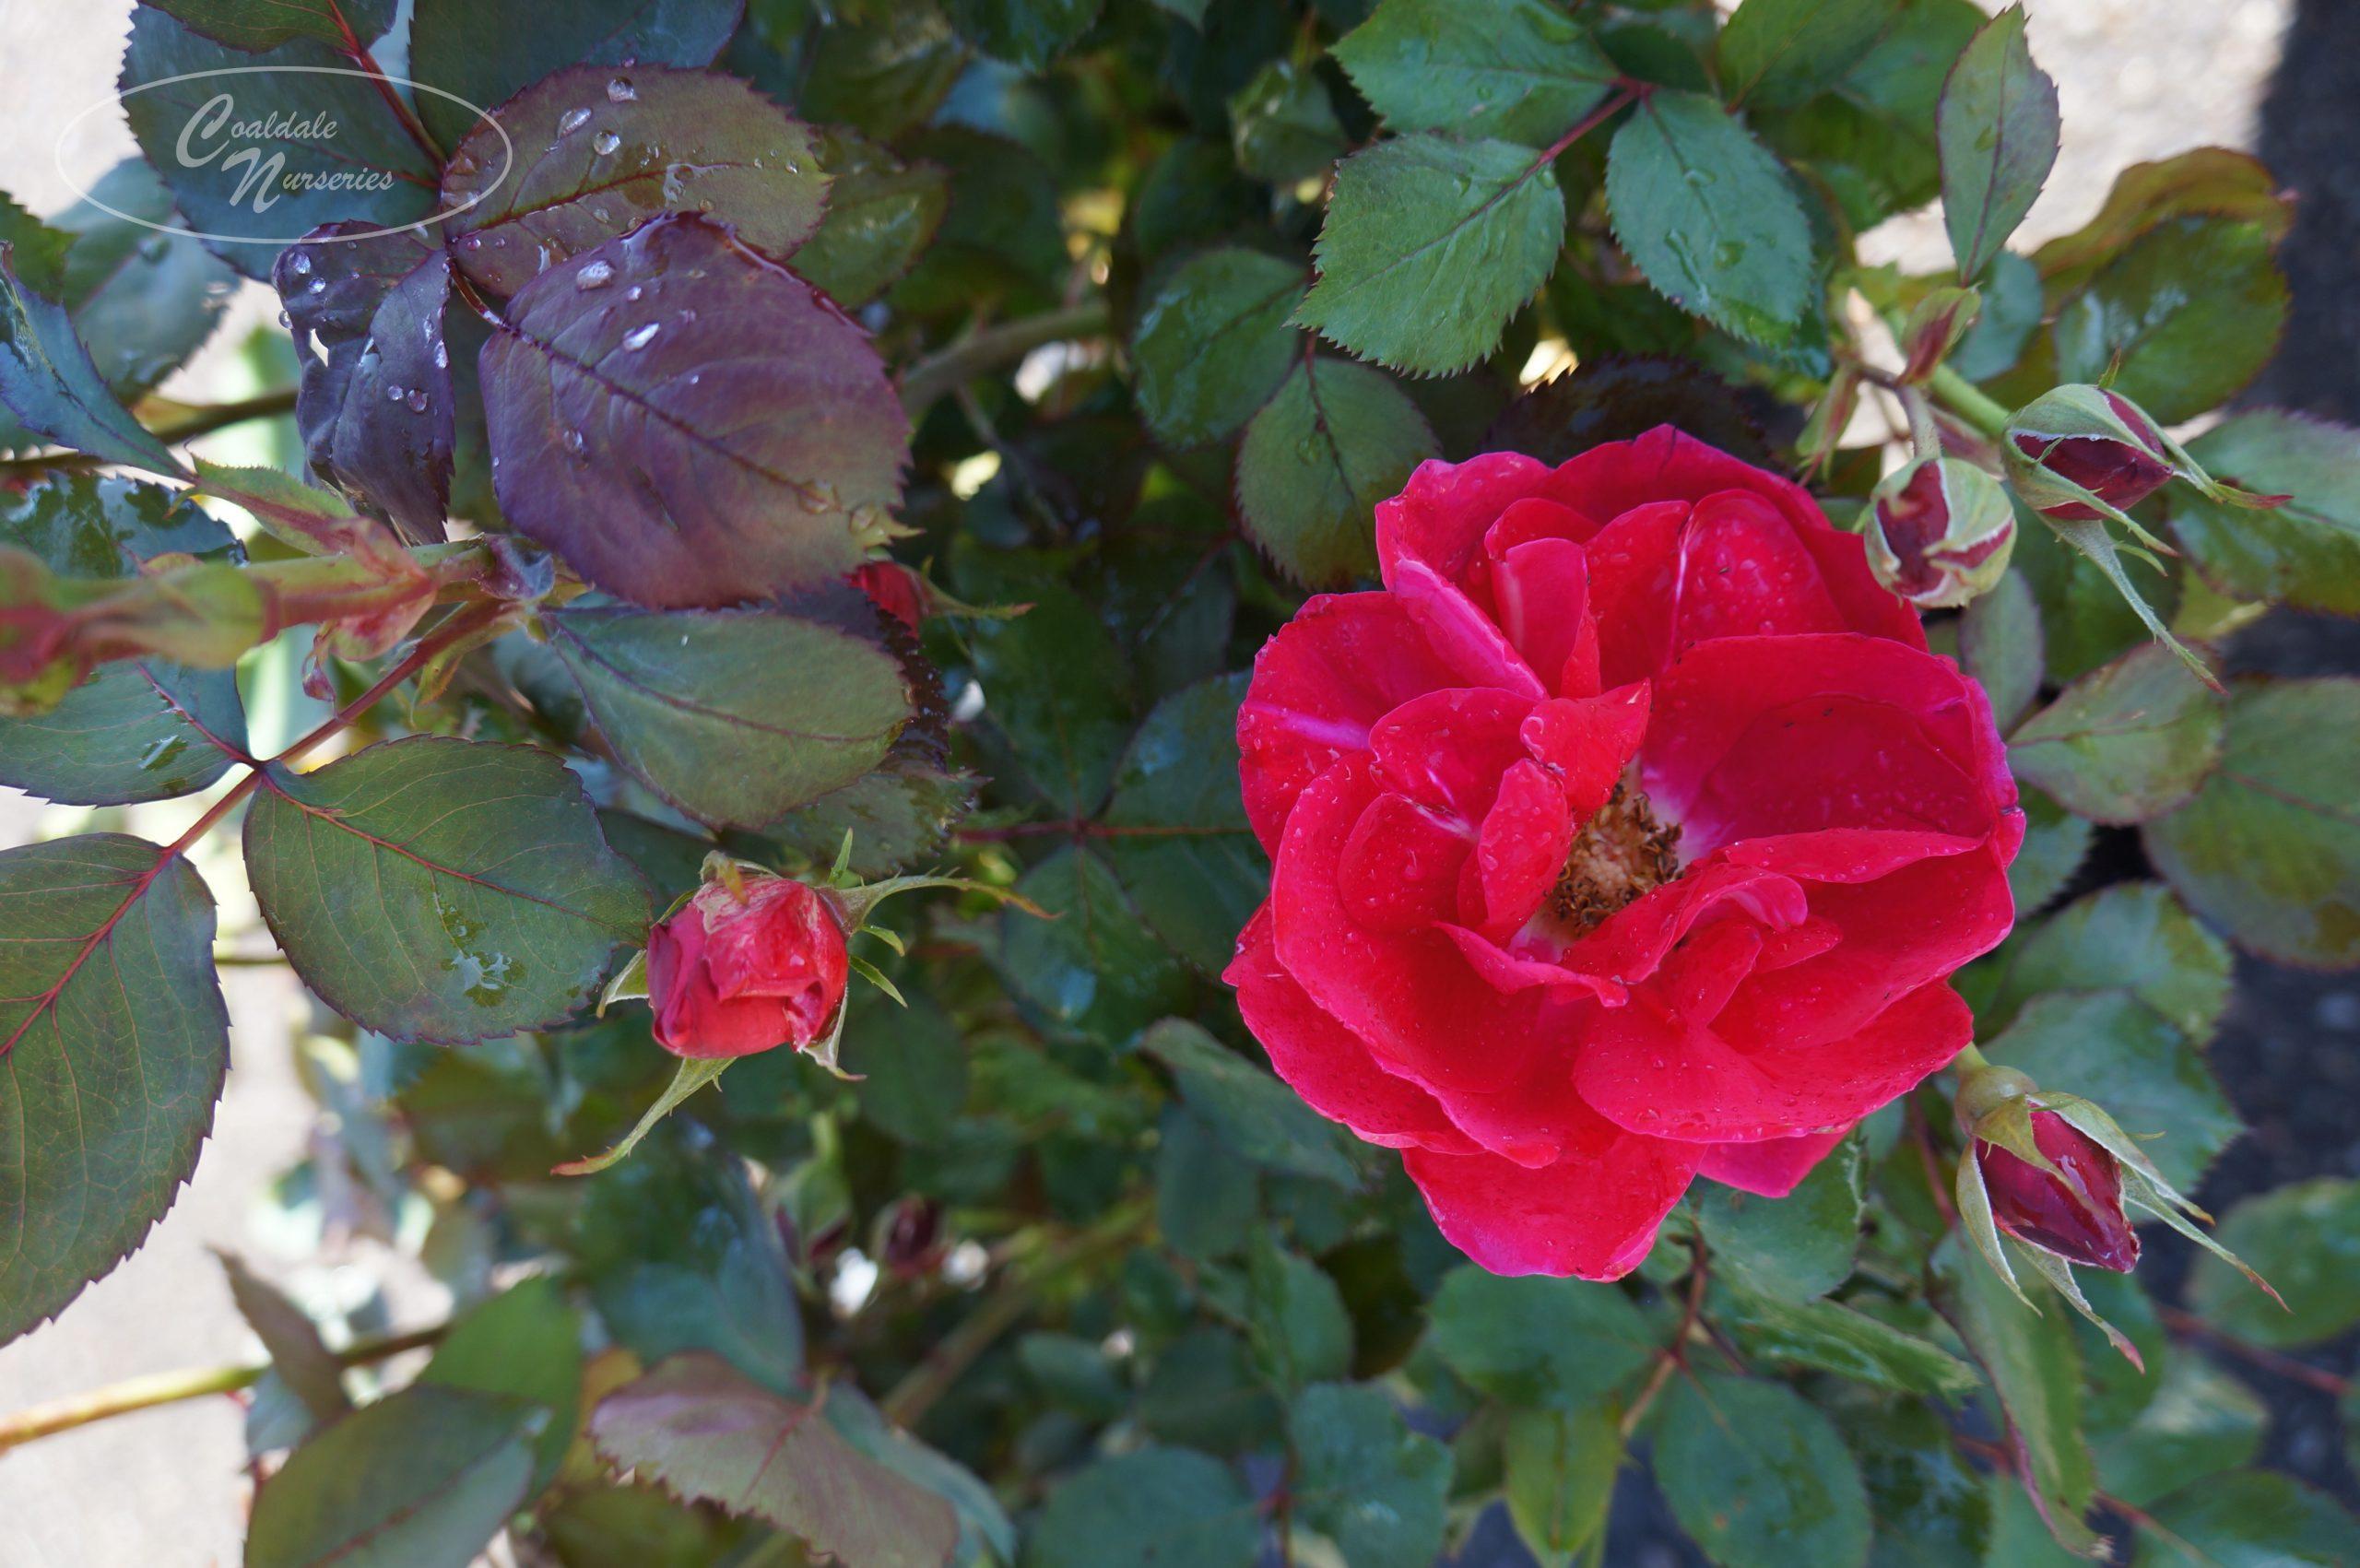 Winnipeg Parks Rose Image